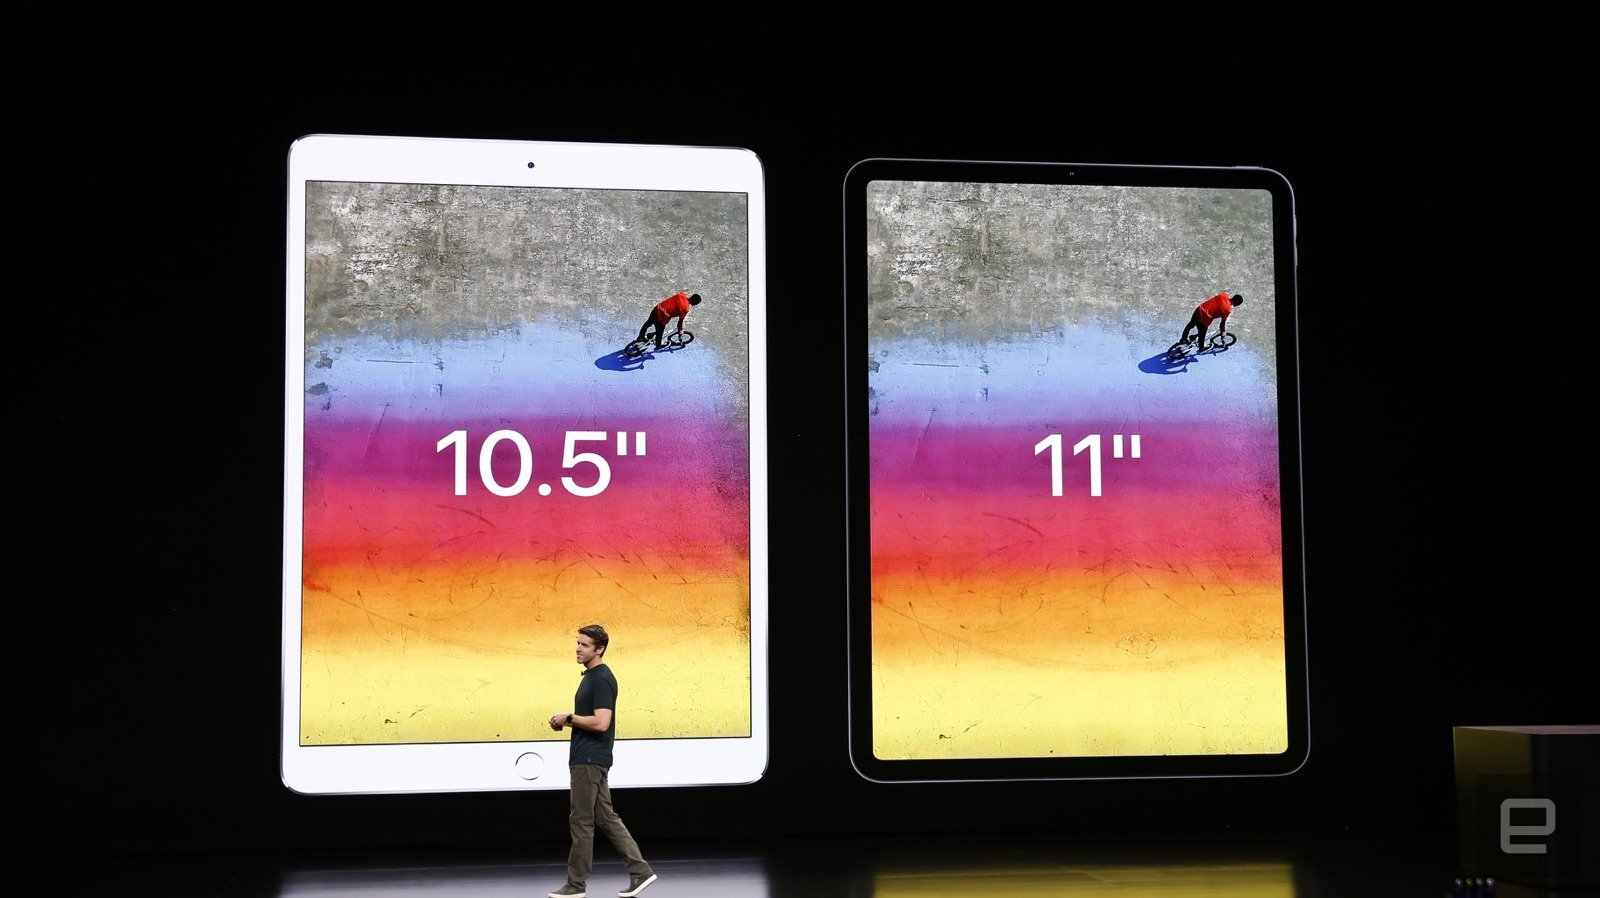 #новости высоких технологий 268   итоги презентации Apple и роботы для сборки пиццы